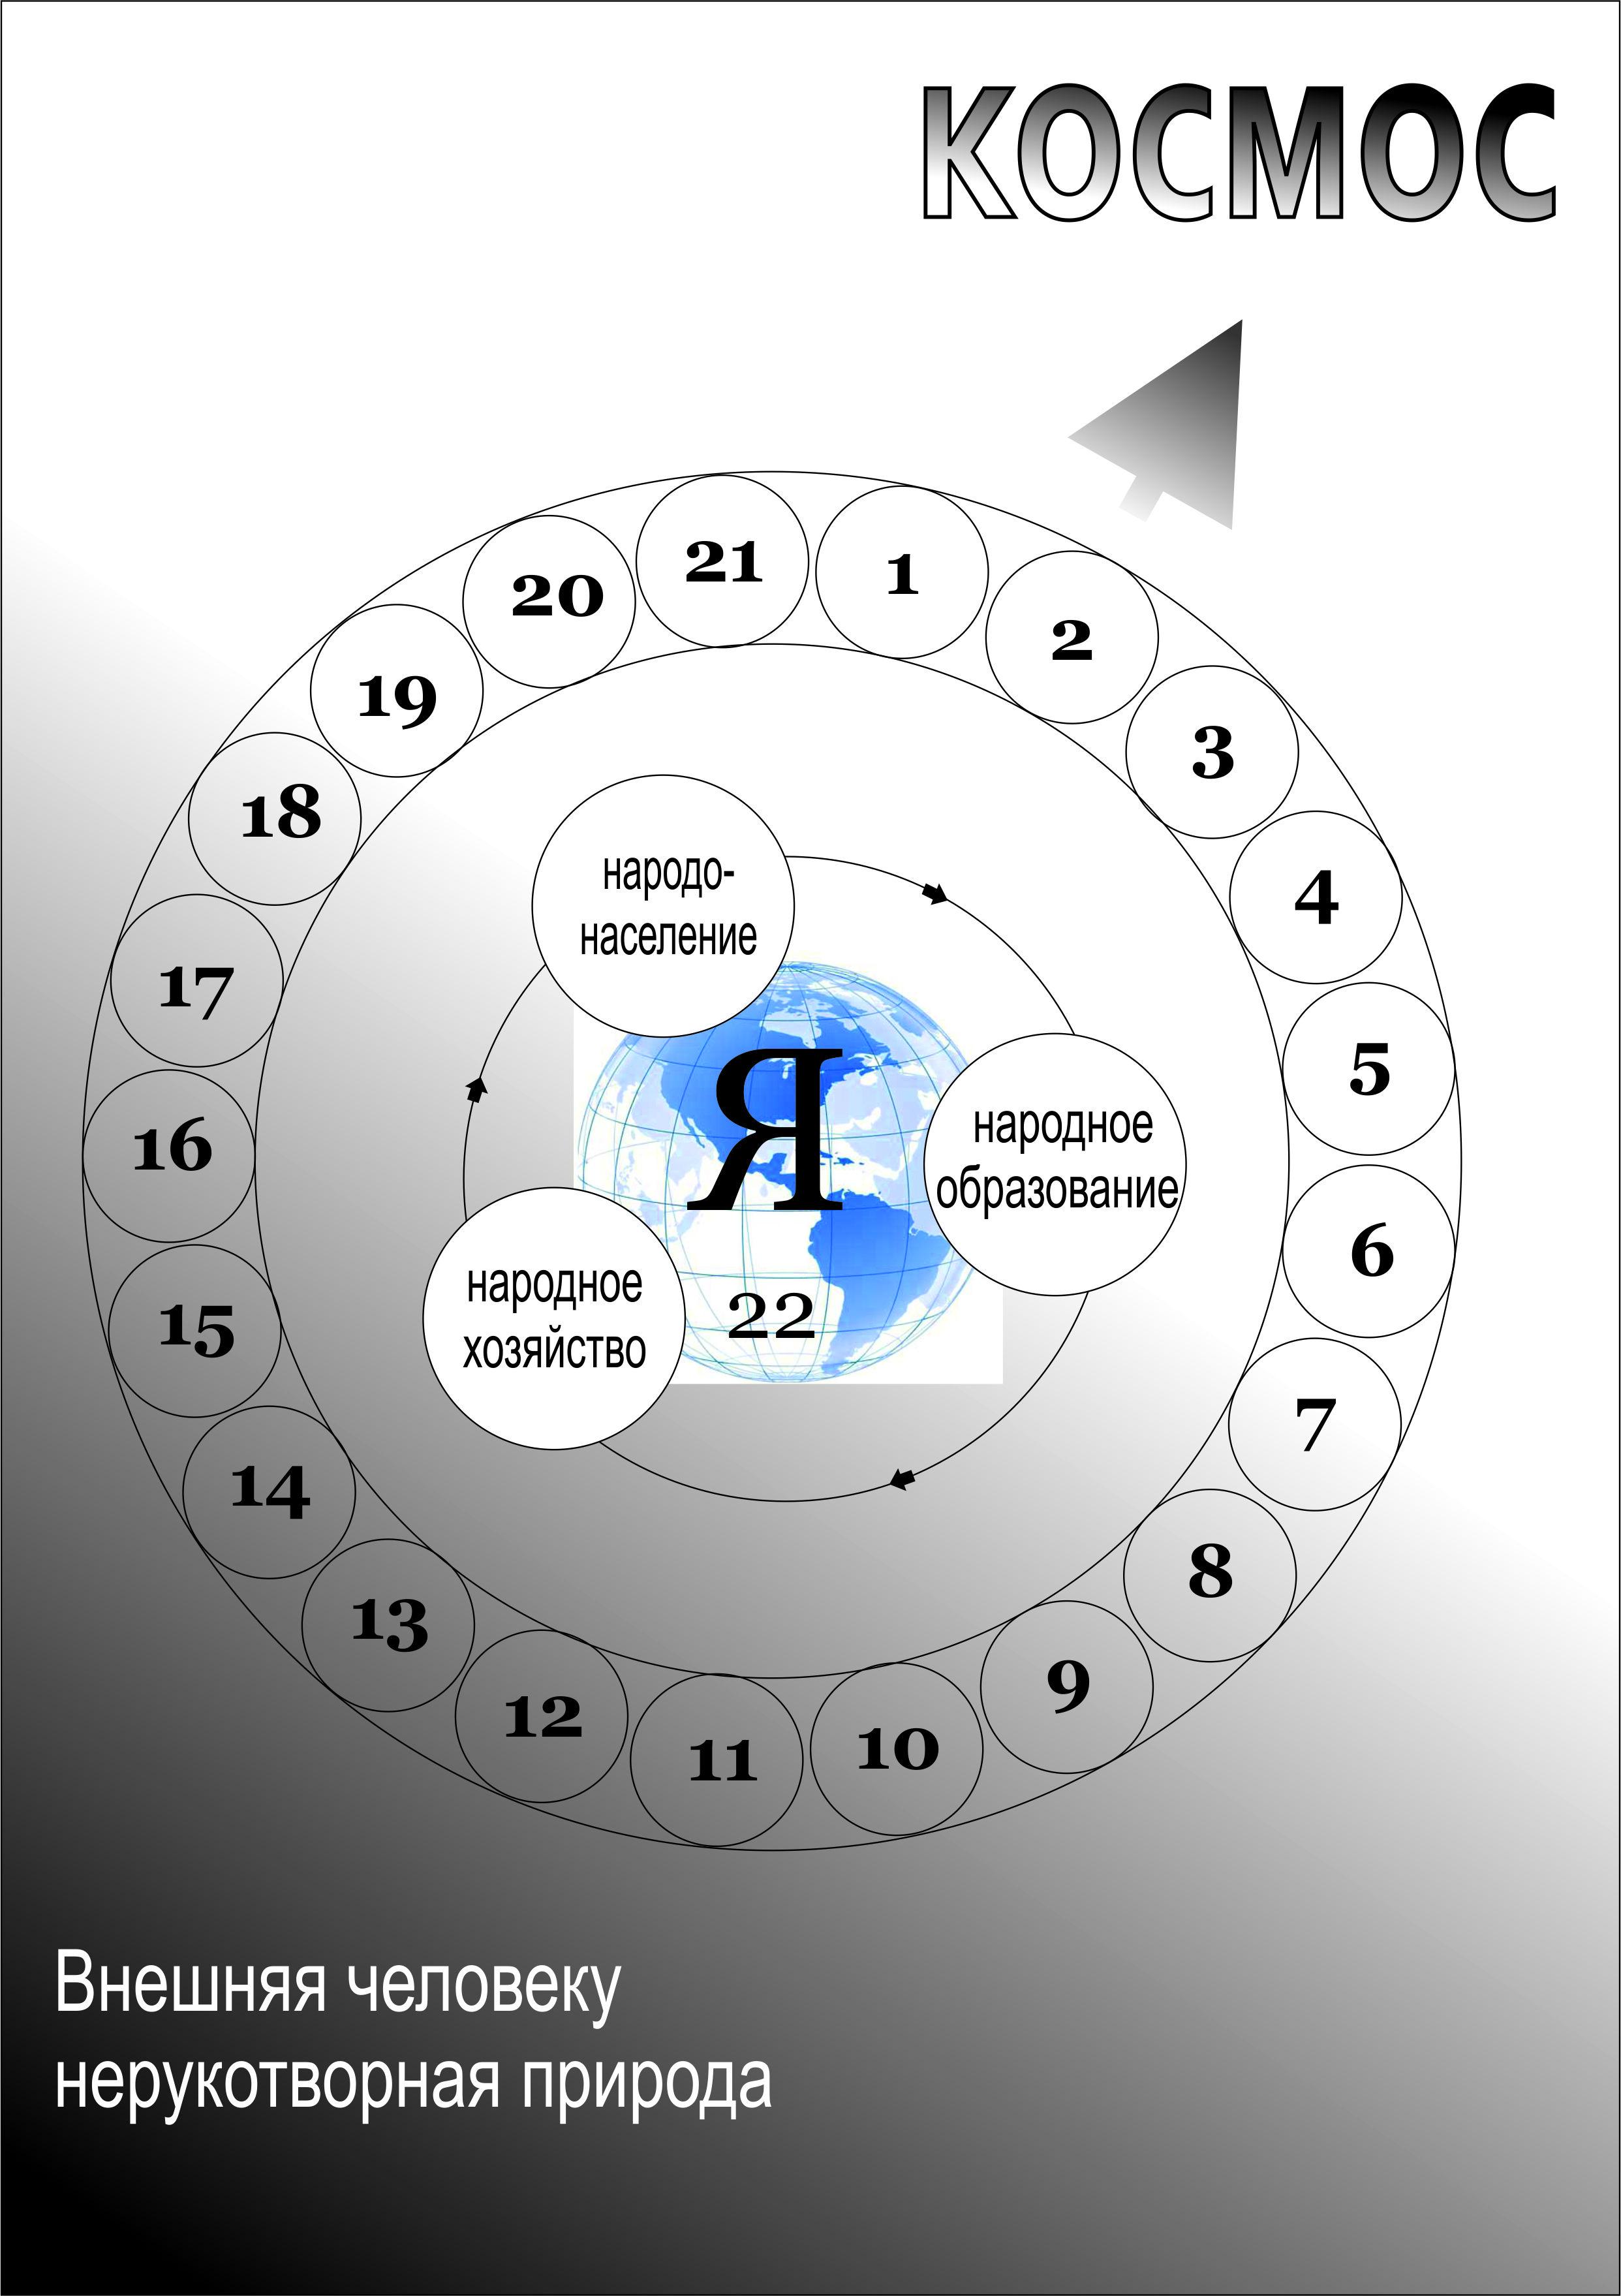 Полное цивилизационное кольцо форм культуры основного жизненного цикла общества (кратко: общественное цивилизационное кольцо, - ОЦМ)